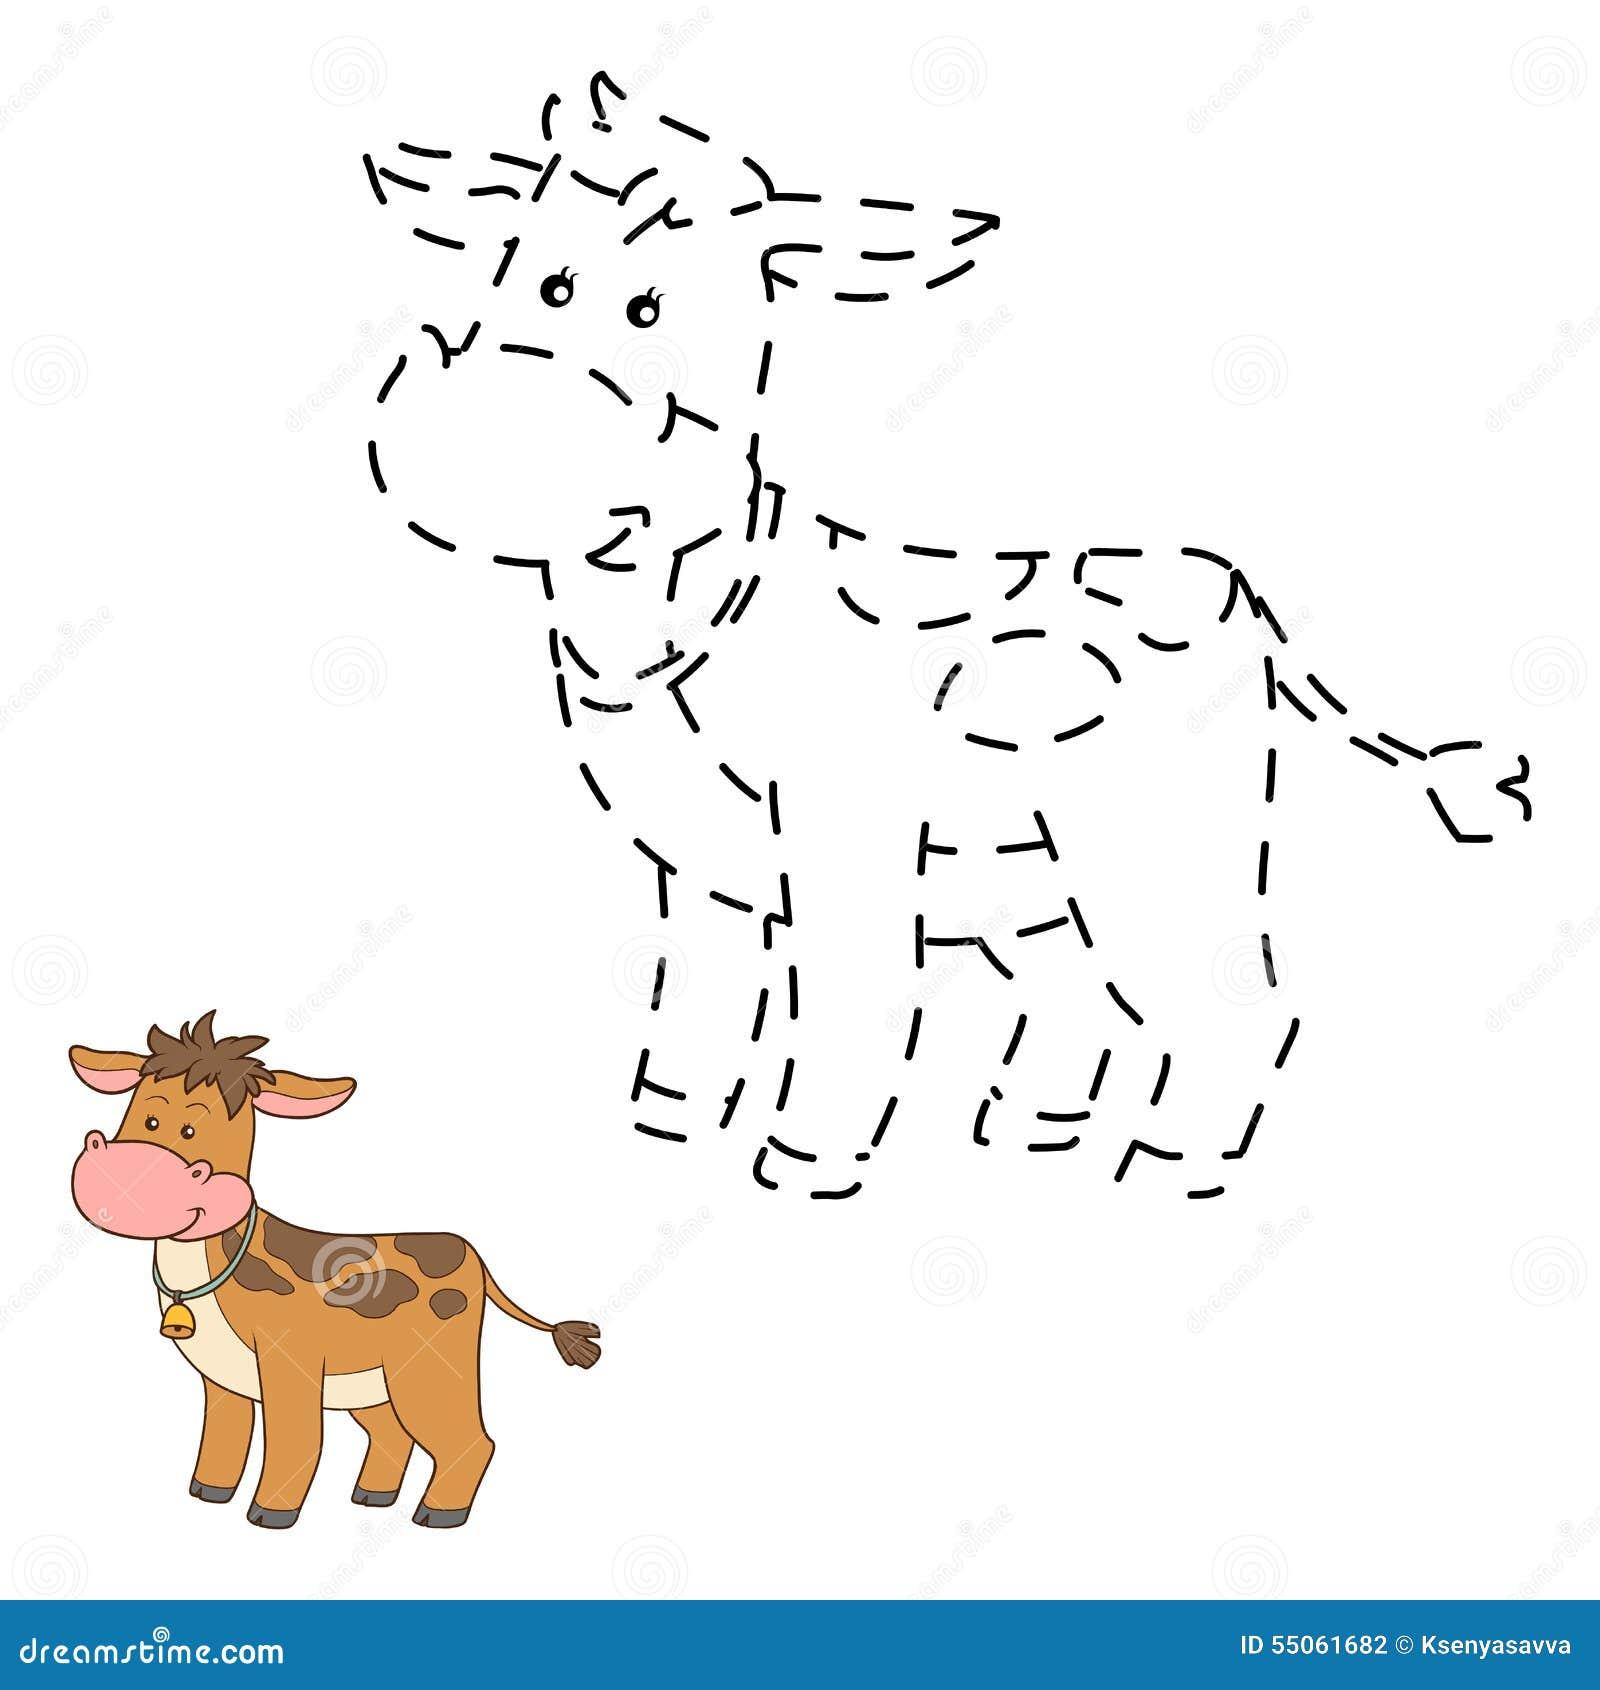 Colleghi i punti (mucca)